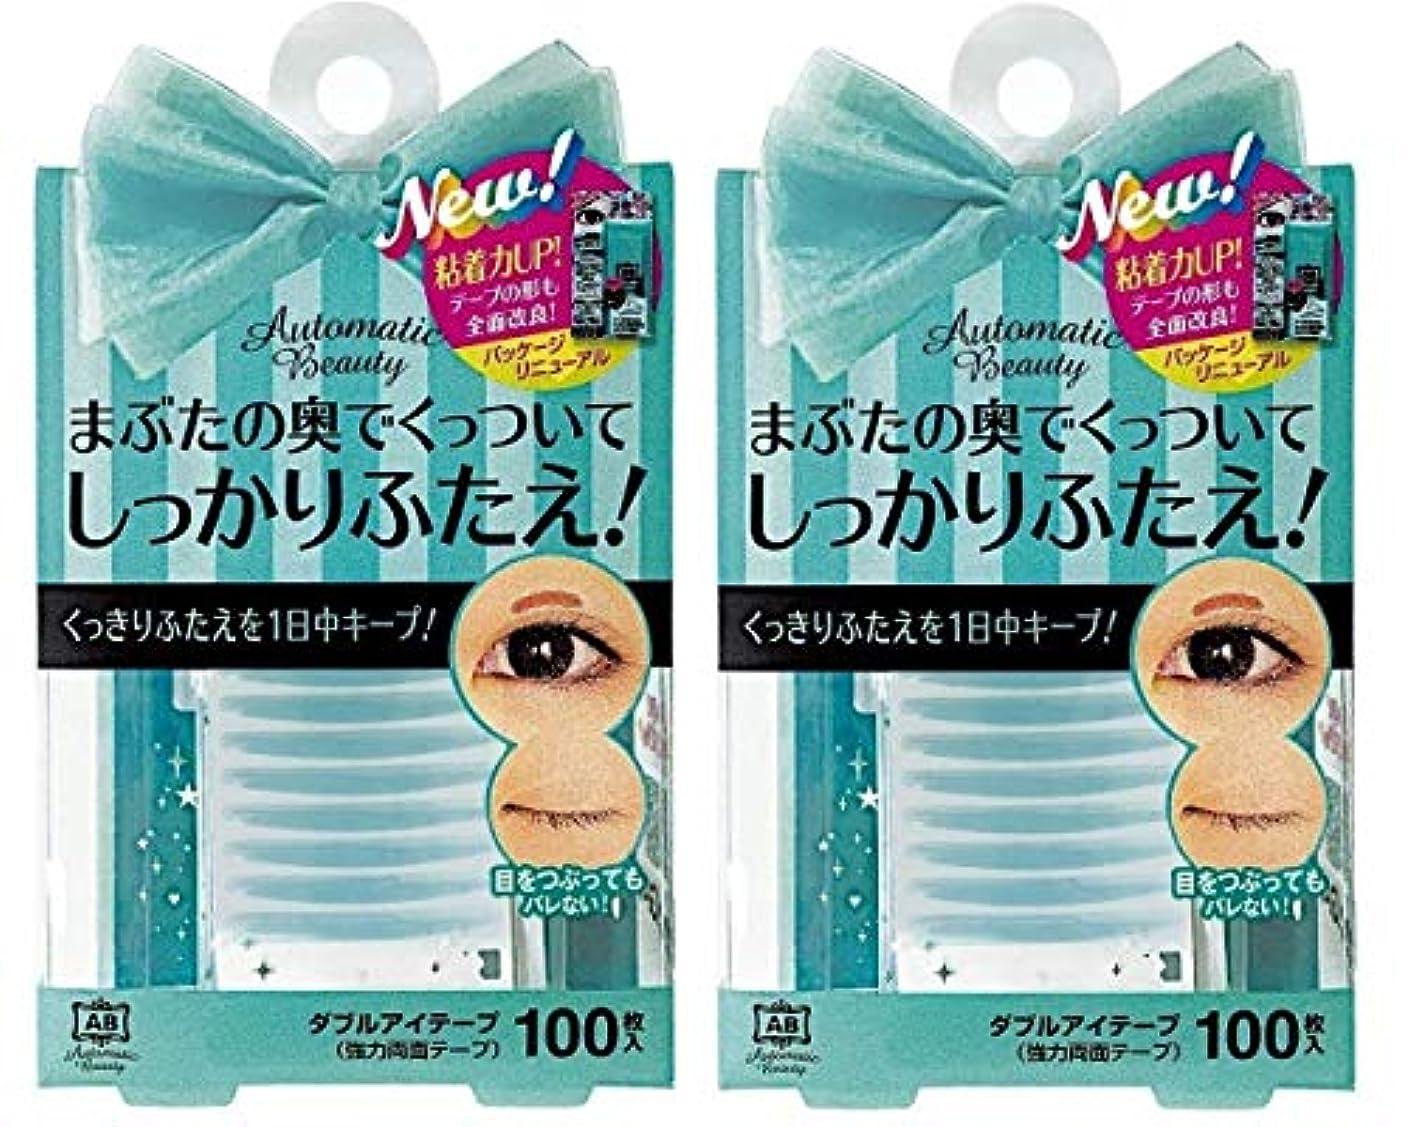 真夜中聖なる砂Automatic Beauty(オートマティックビューティ) ダブルアイテープ 100枚 ×2個